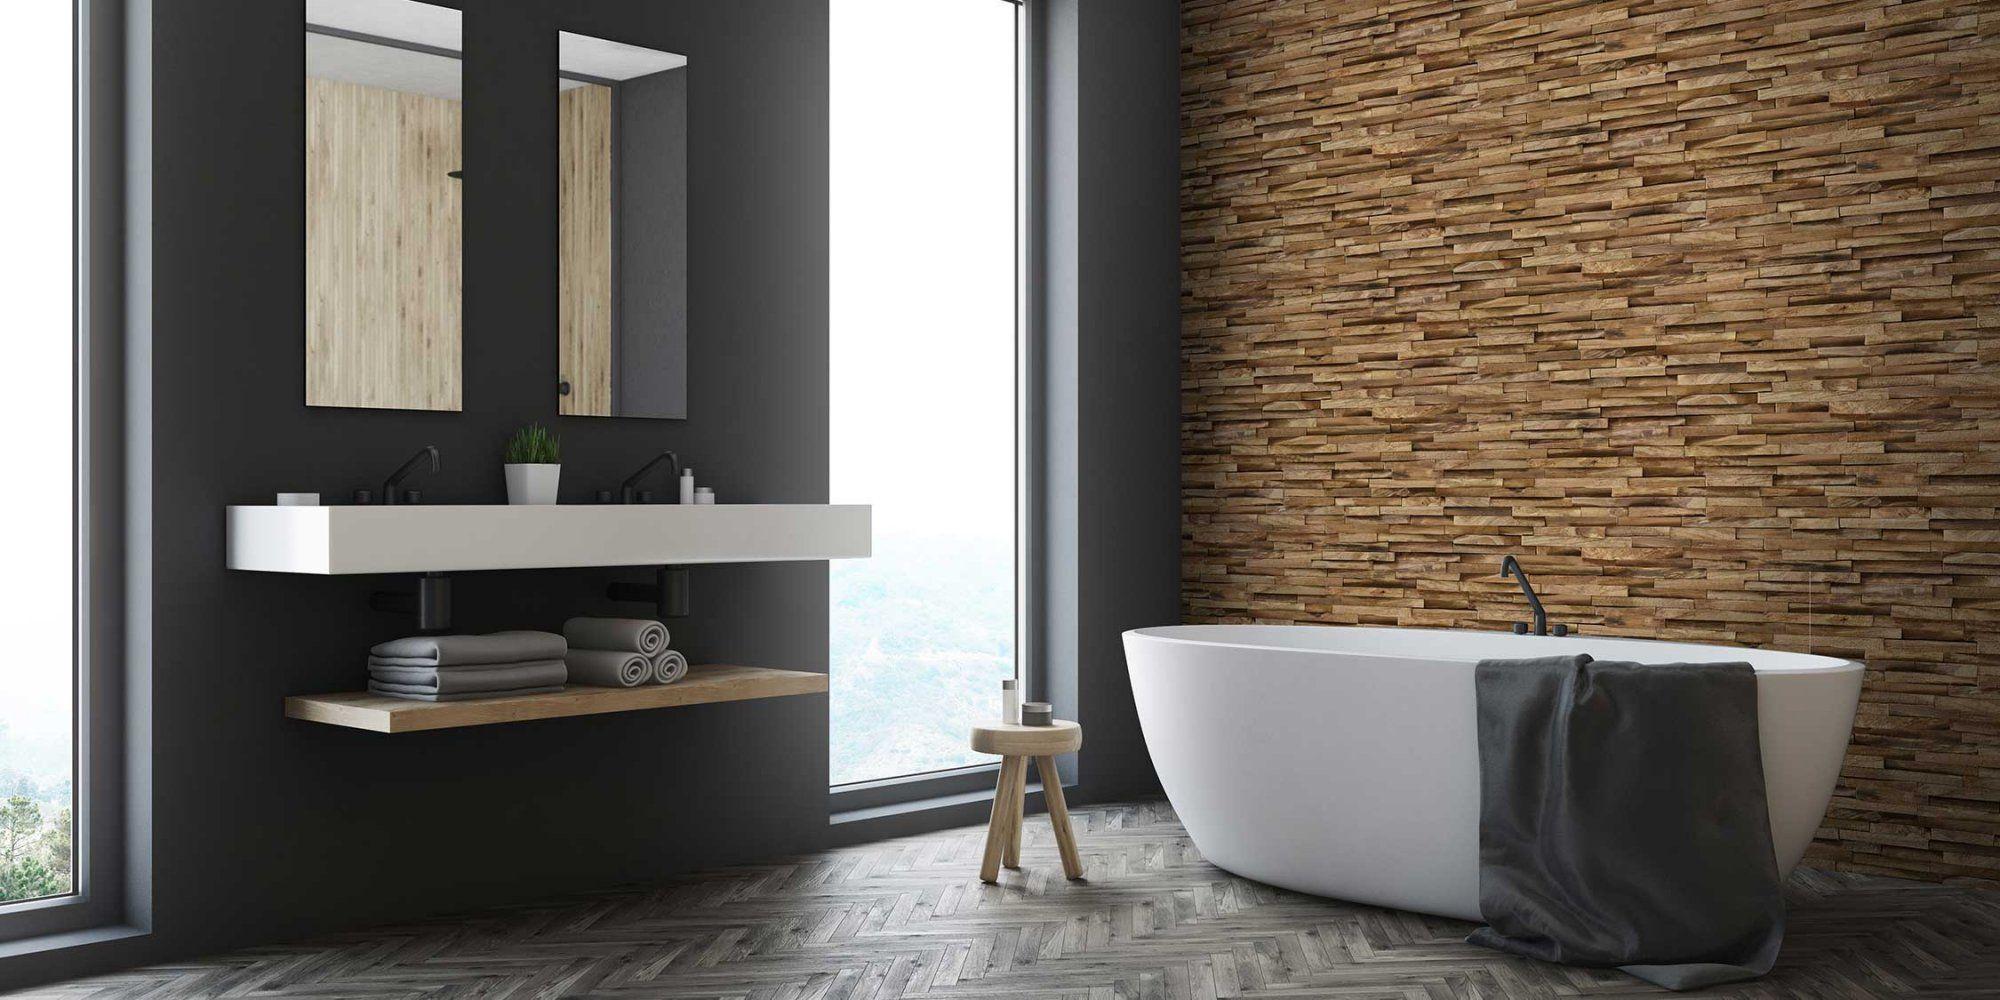 38+ Vinyle pour mur salle de bain inspirations